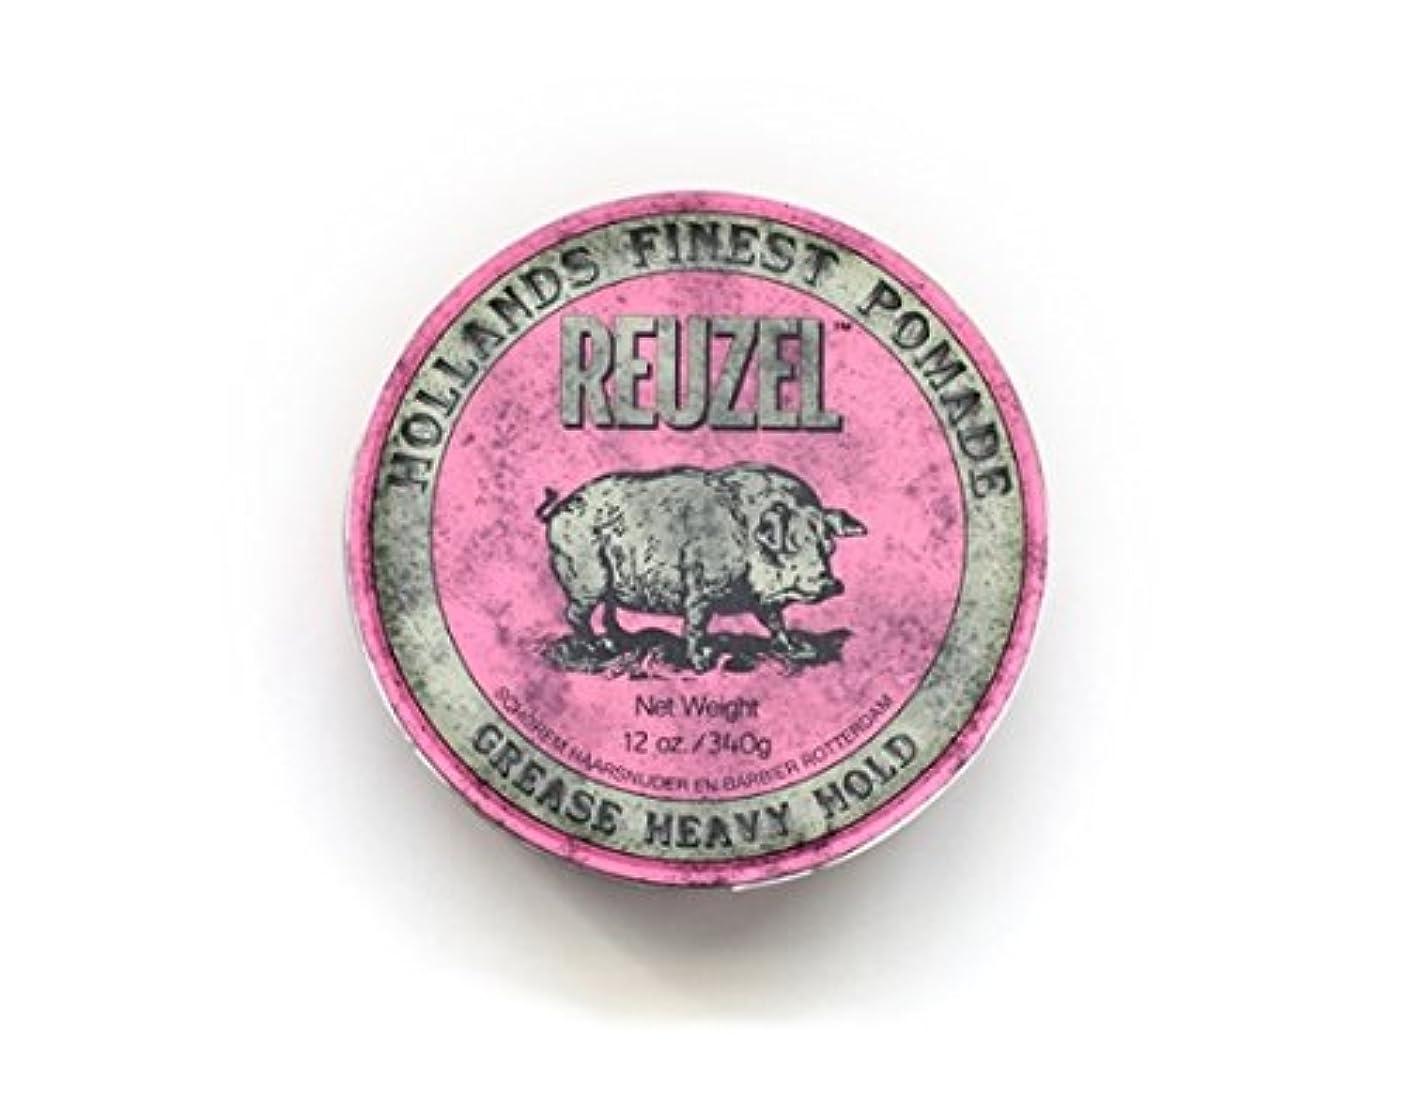 ルーゾー ポマード ヘビーホールド 油性 【ピンク】340g  REUZEL ルーゾーポマード